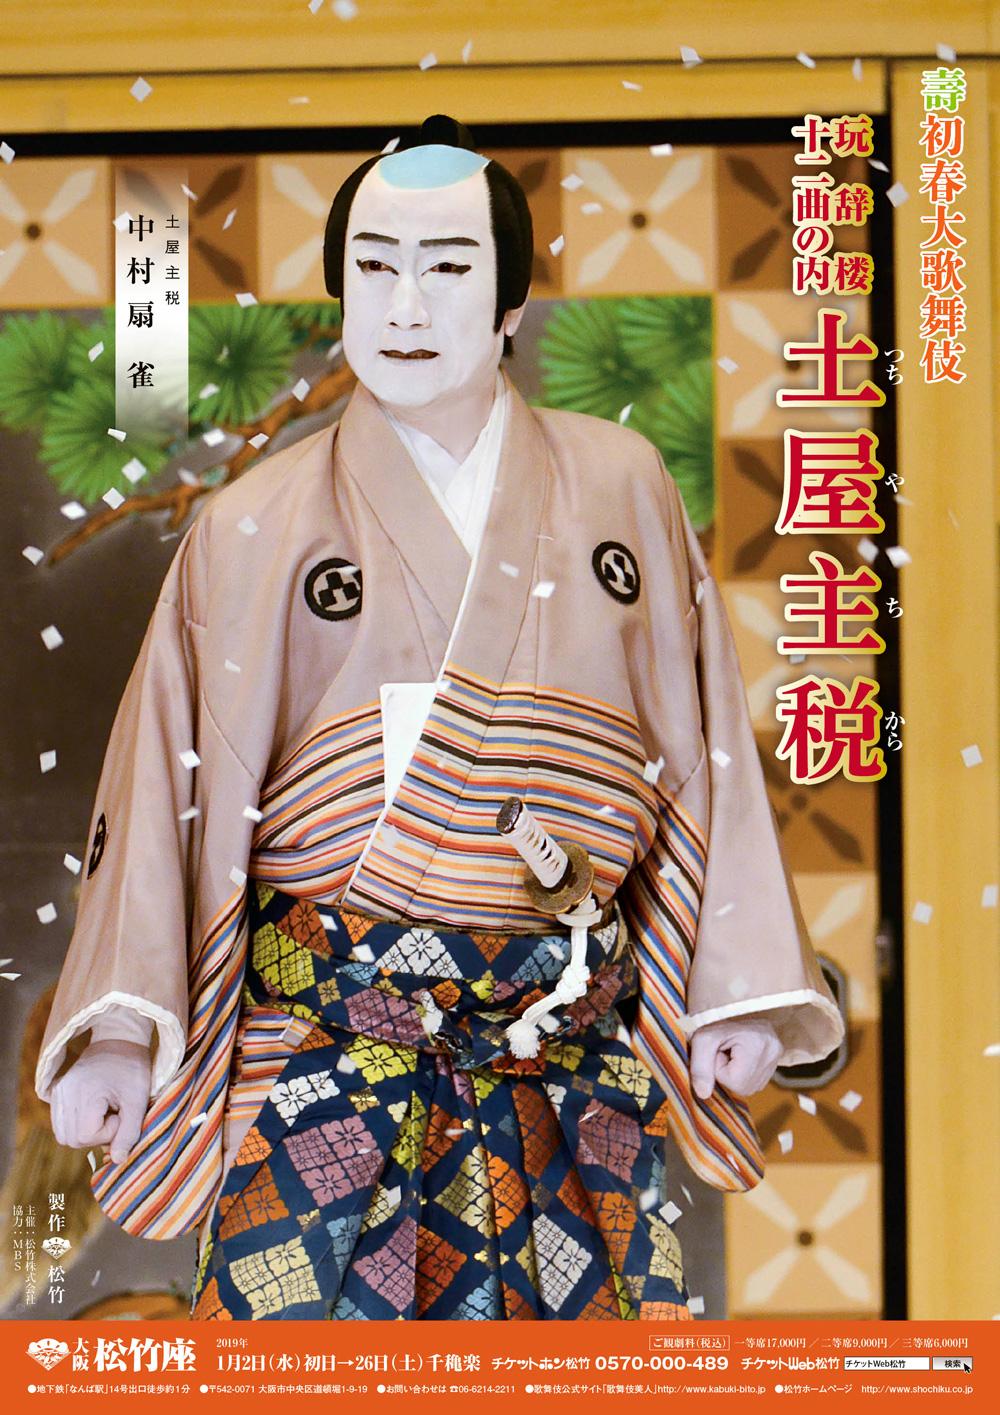 大阪松竹座「壽初春大歌舞伎」特別ポスター公開